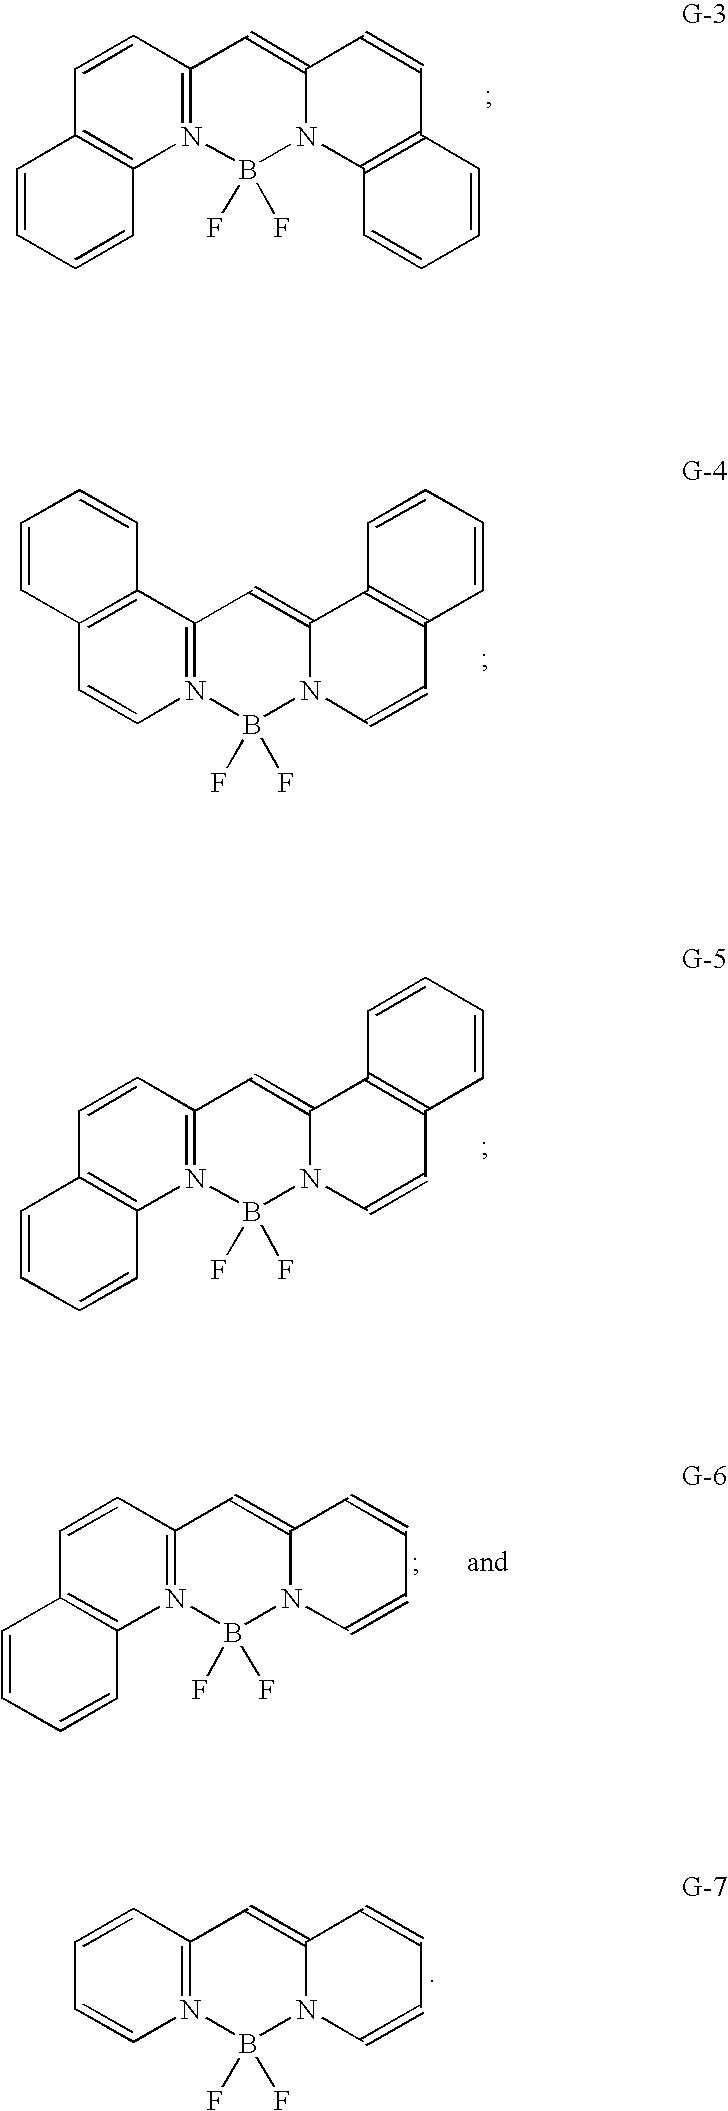 Figure US20040058193A1-20040325-C00012